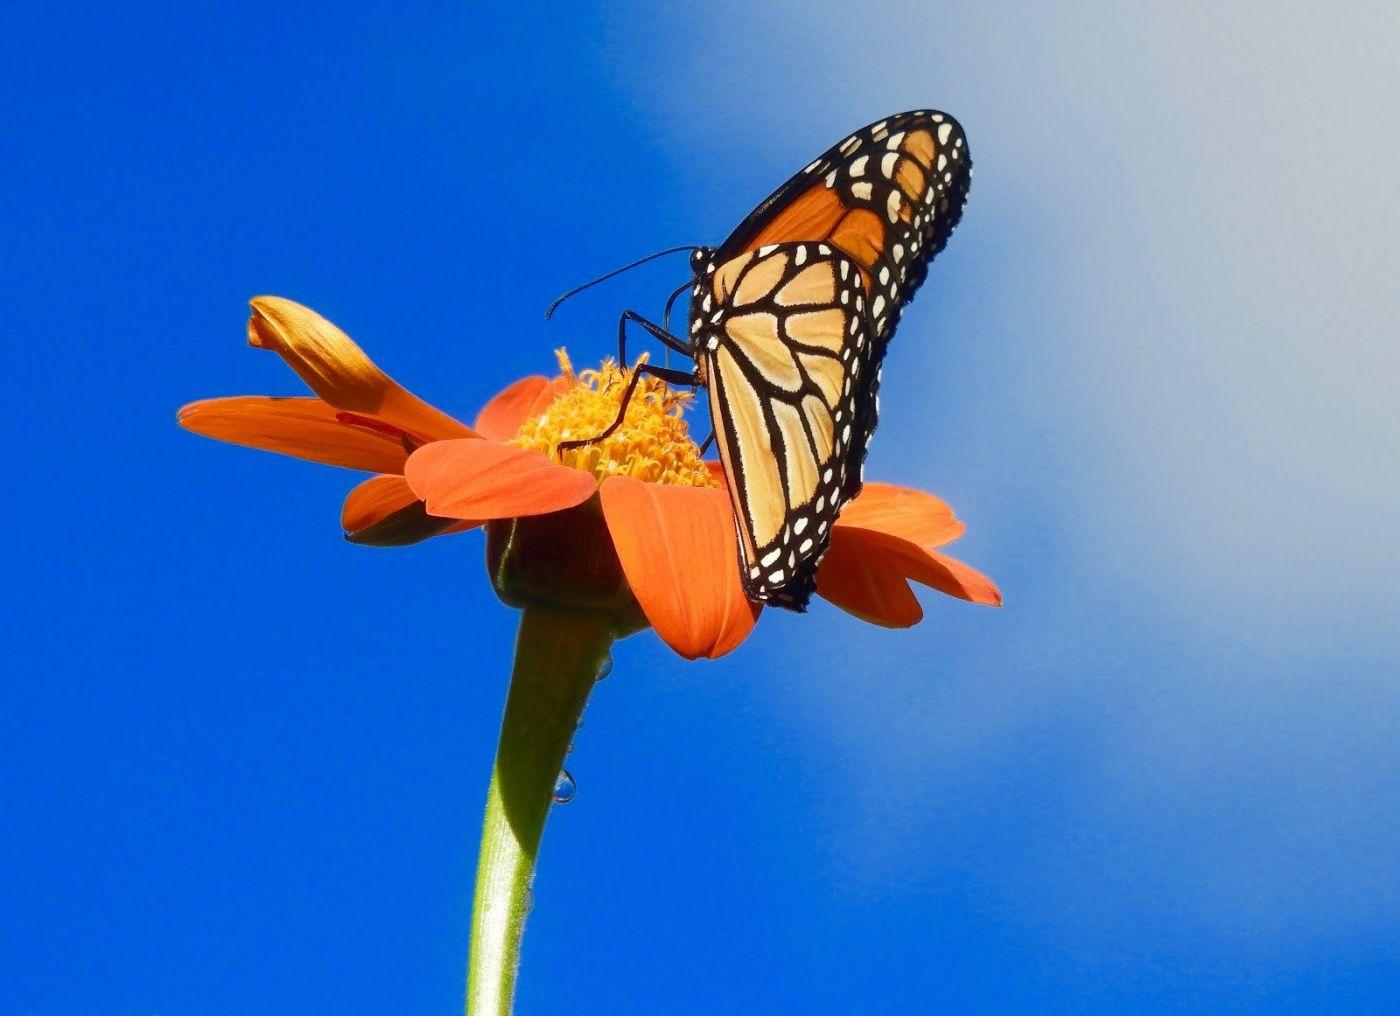 赫尔希花园看蝴蝶_图1-1